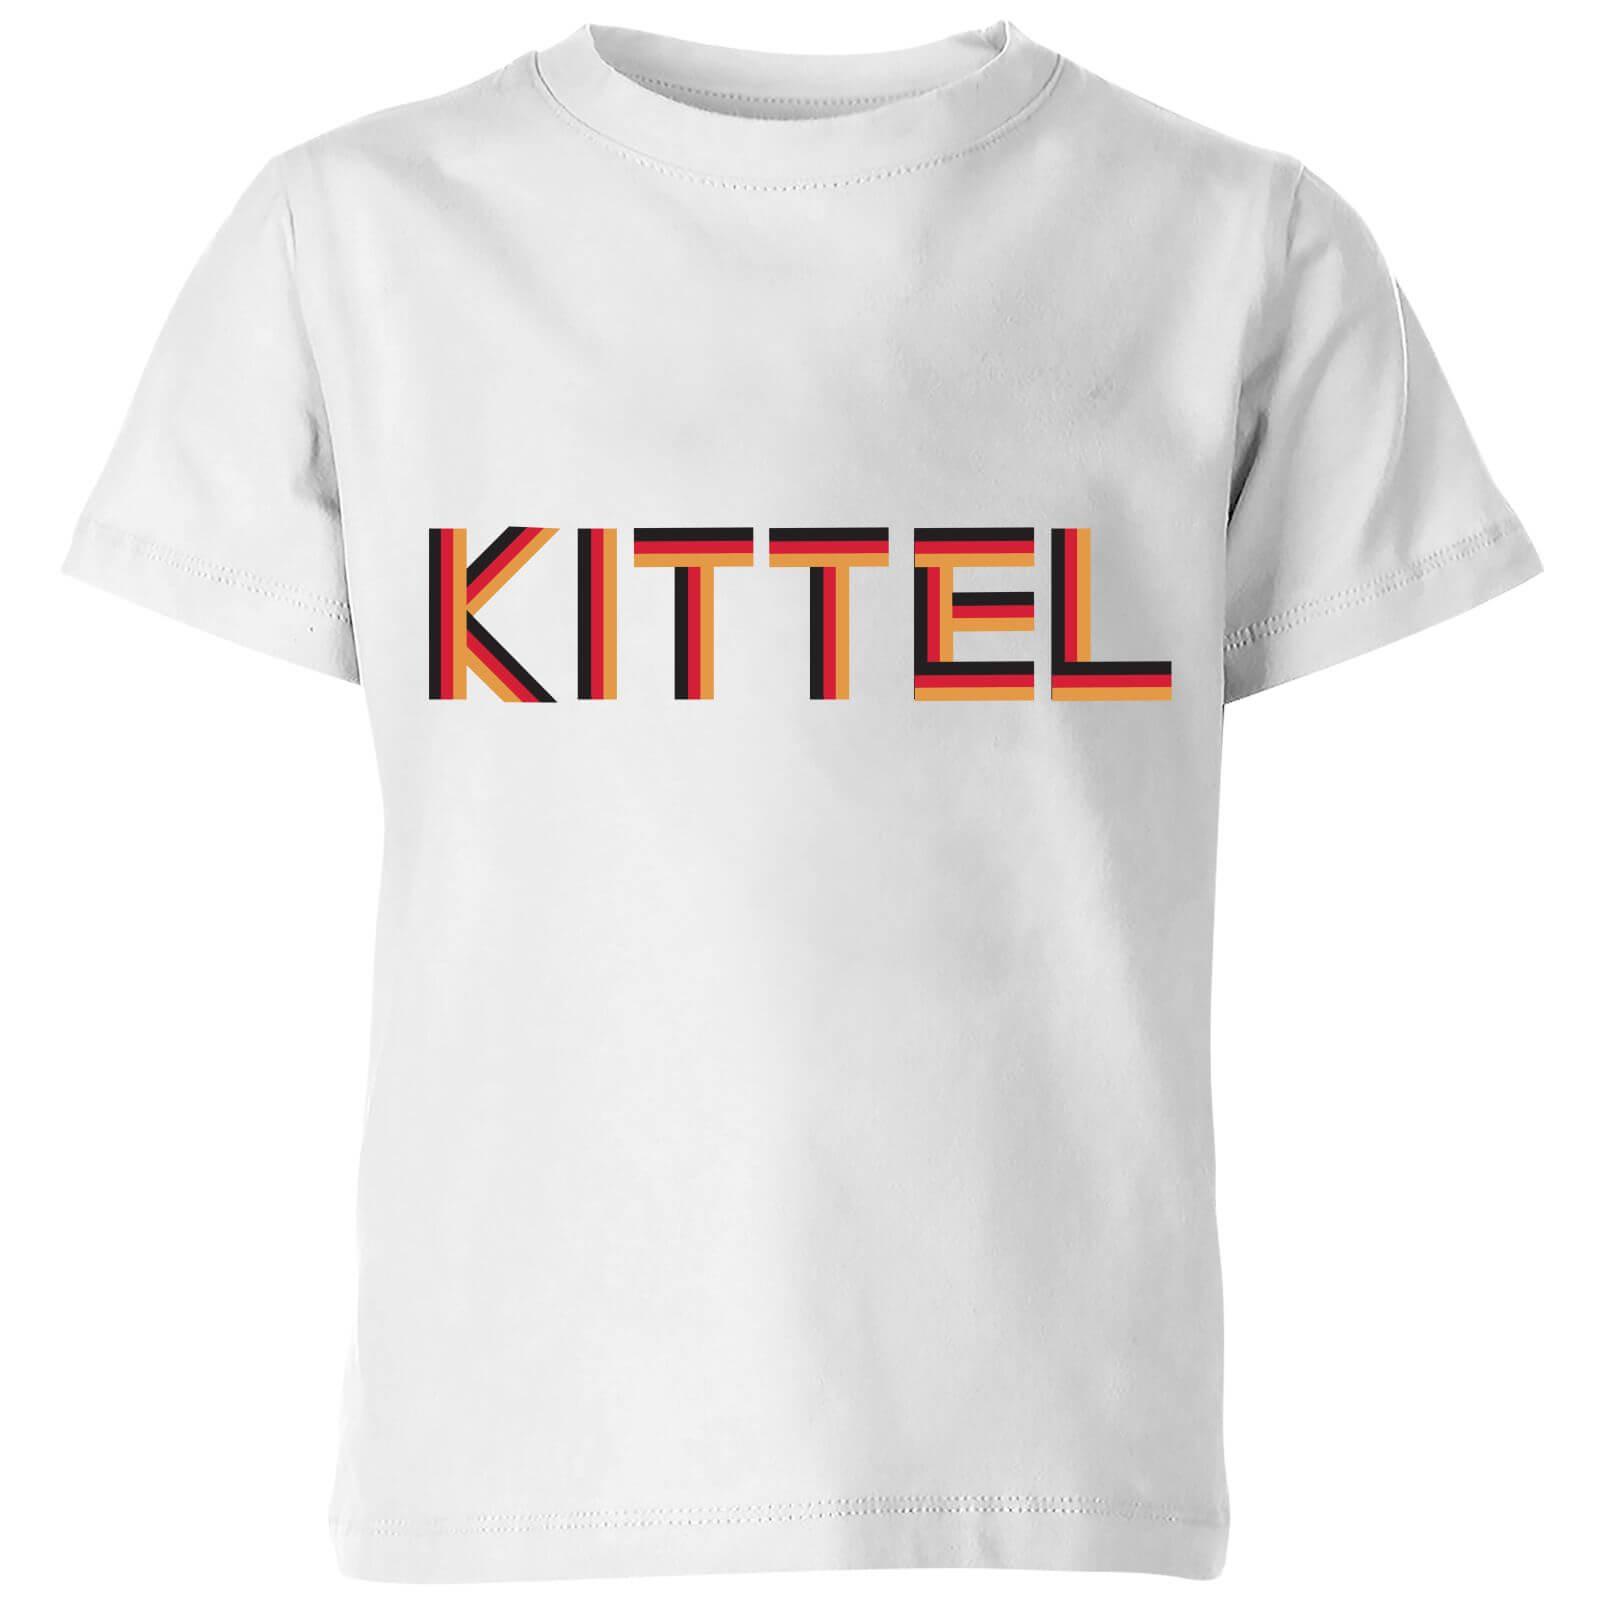 Summit Finish Kittel - Rider Name Kids' T-Shirt - White - 7-8 Years - White